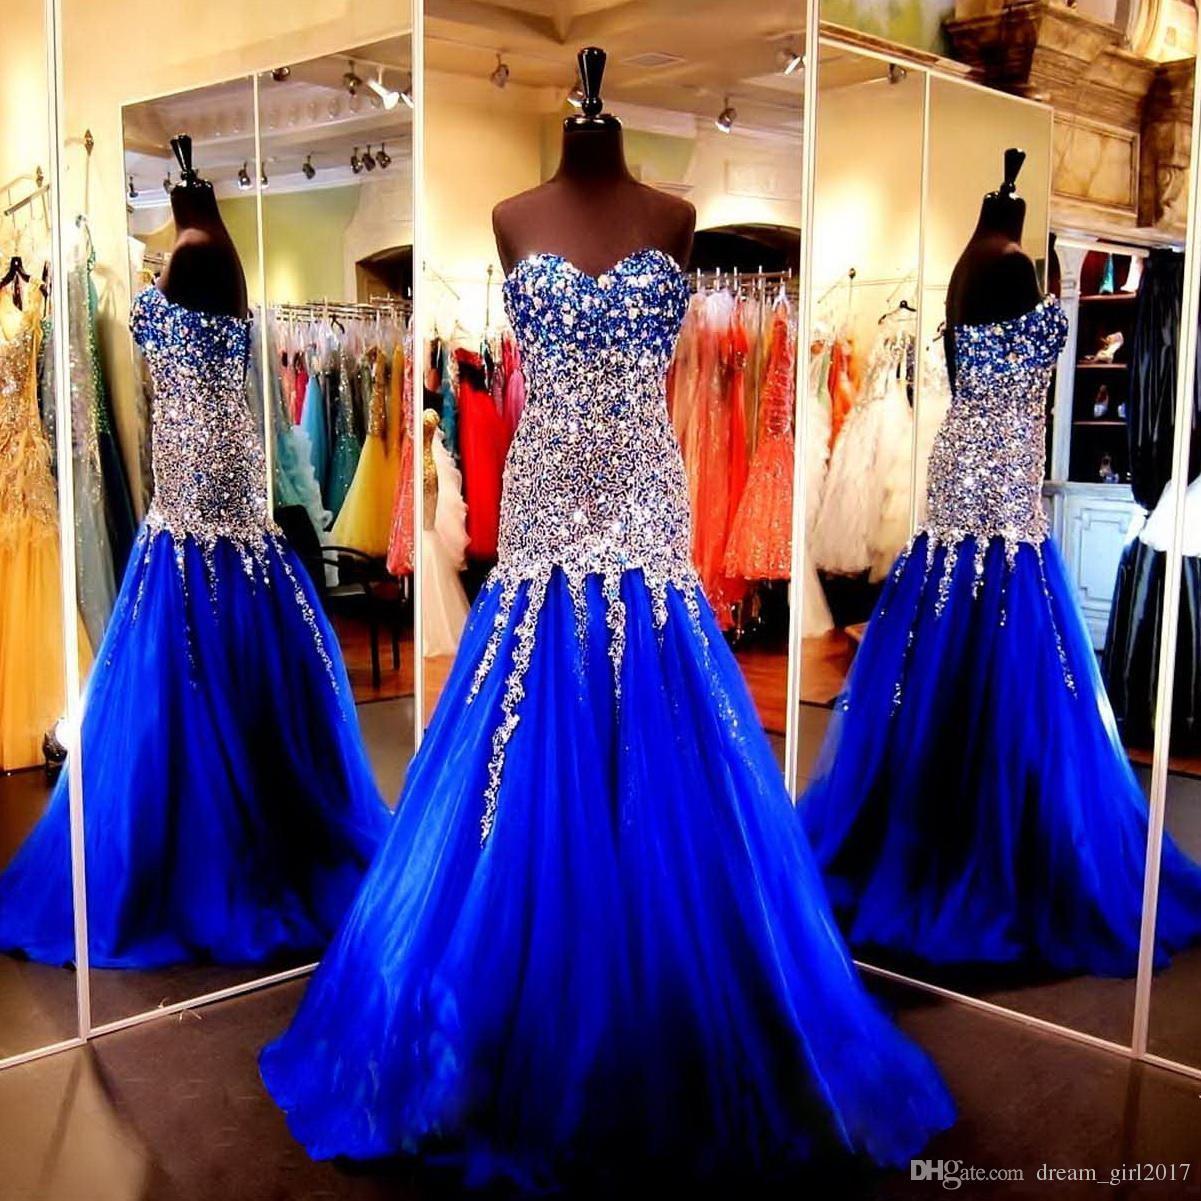 a7757de56 Vestido Formatura Azul Royal Vestidos De Festa De Baile Vestidos De Noite  2019 Sereia Querida Cristais Vestidos De Noite Formal Custom Made Longos  Vestidos ...